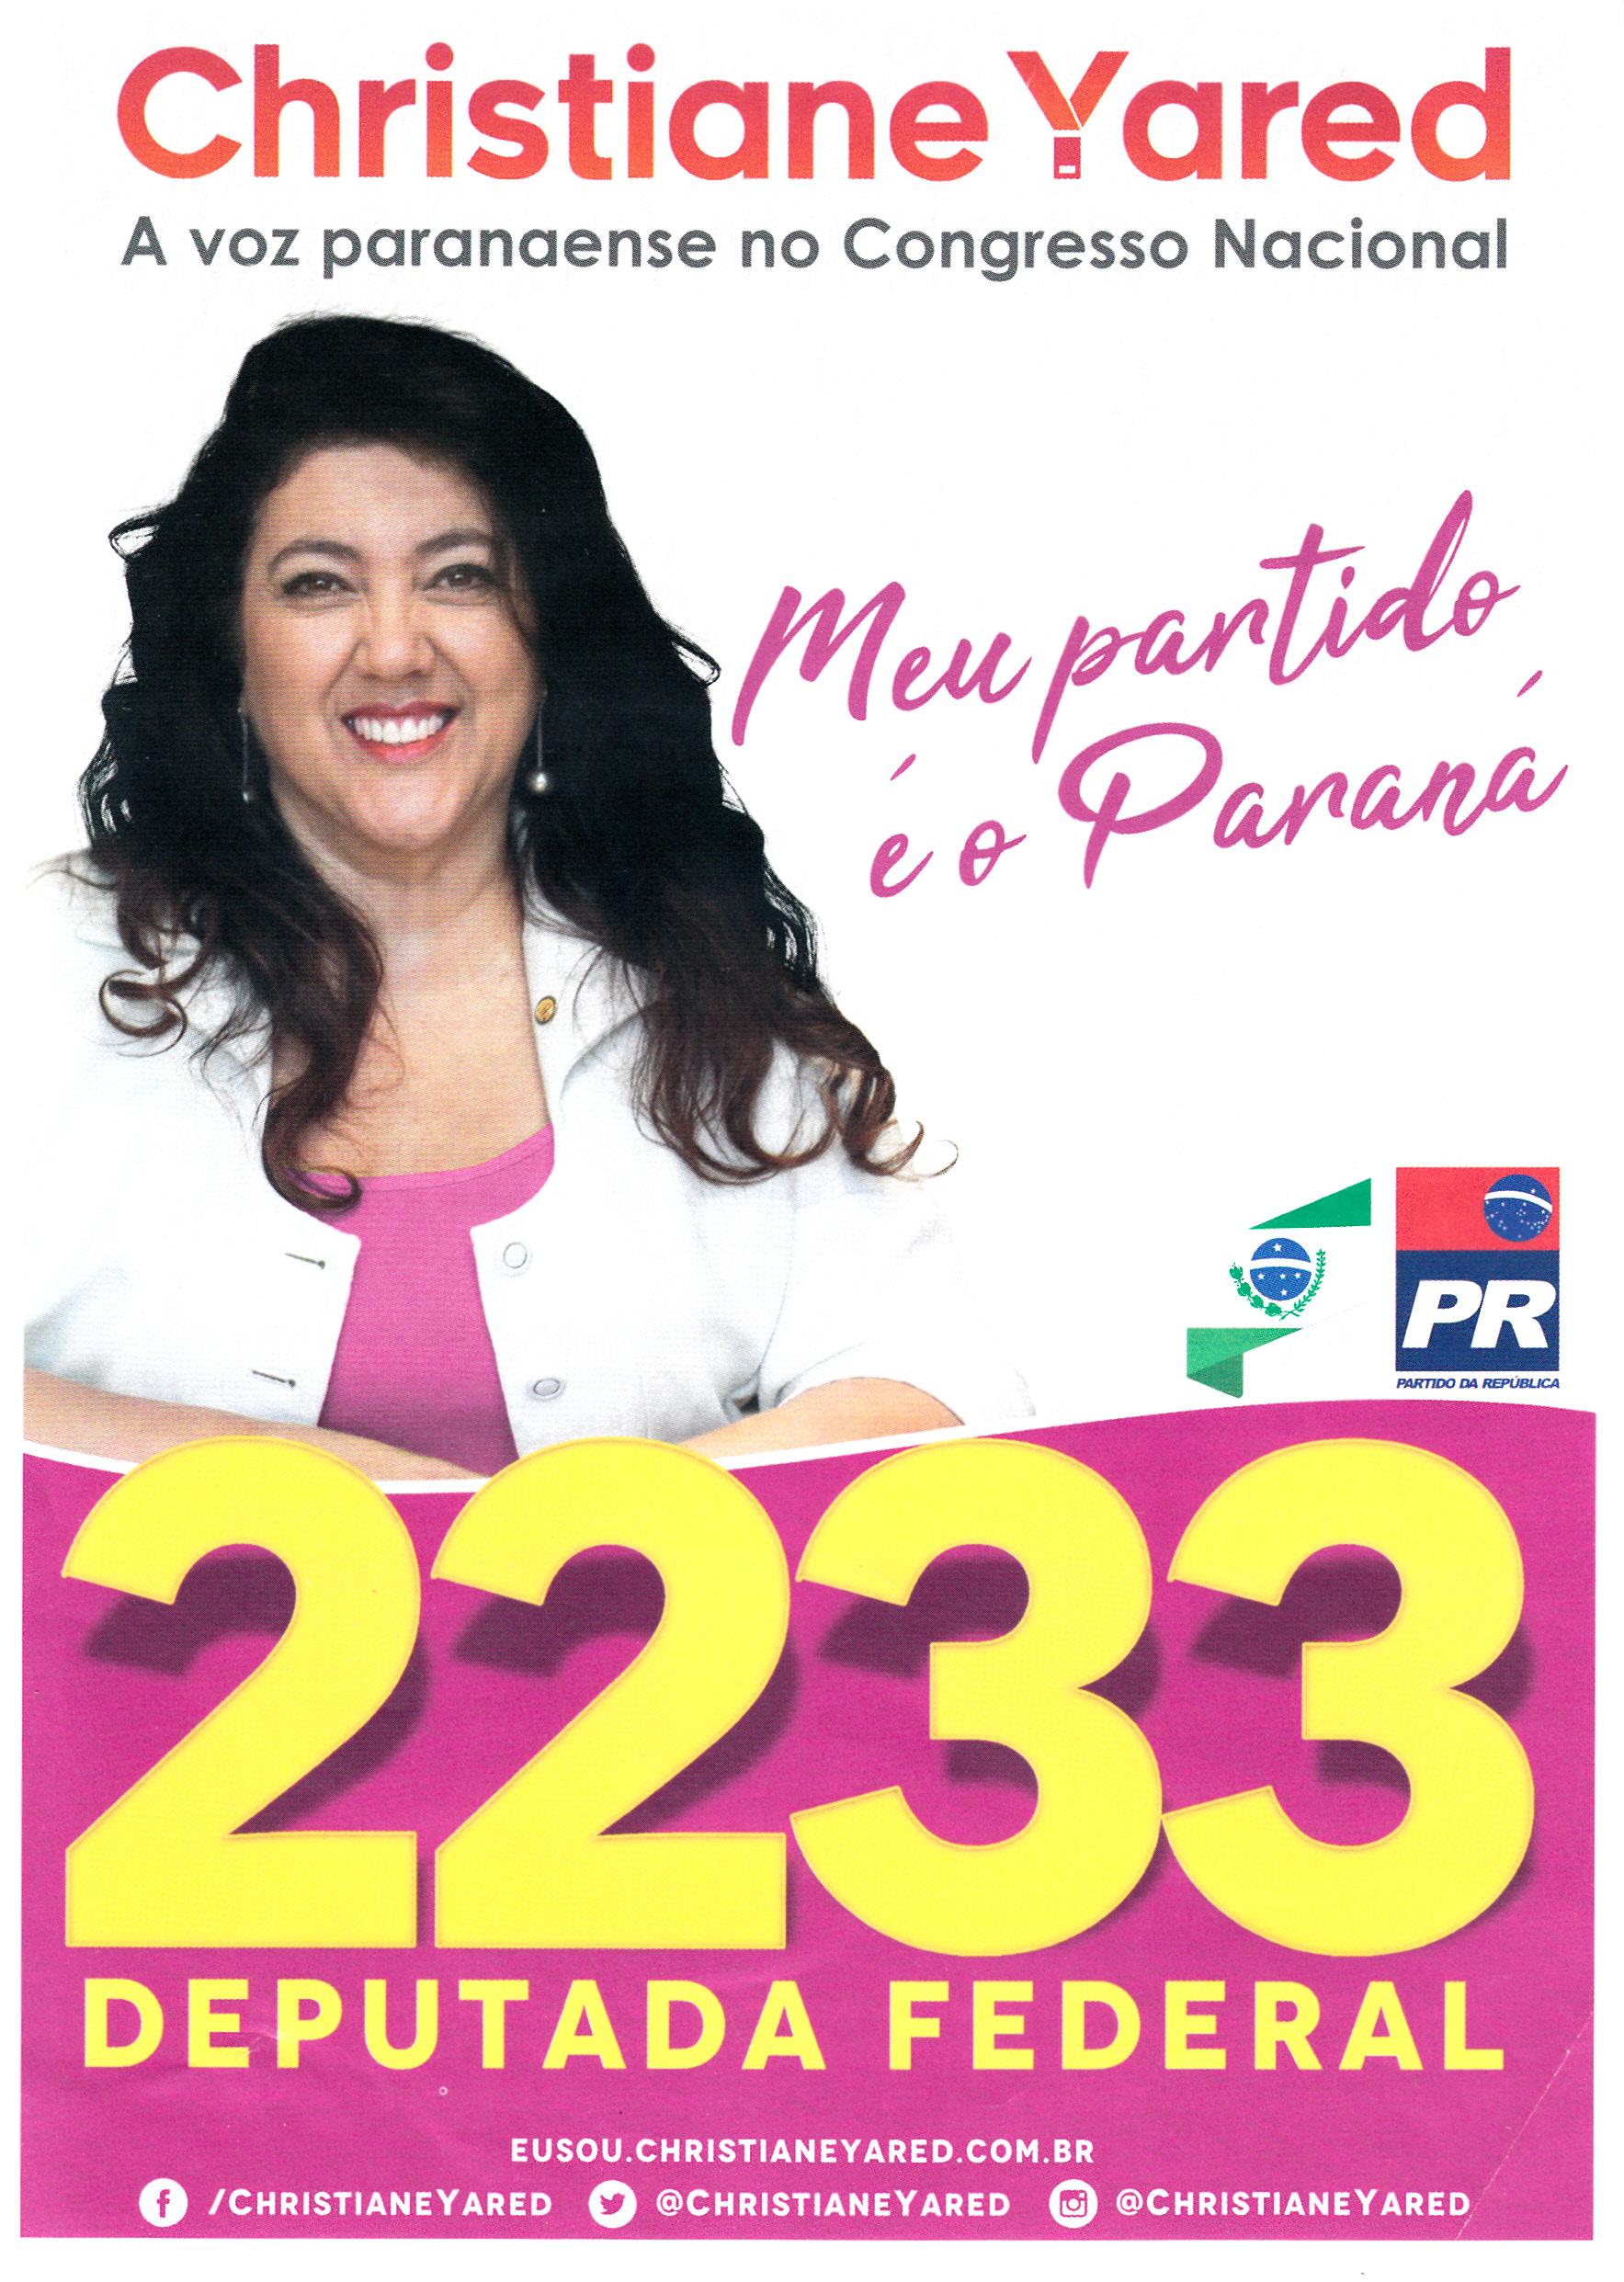 PR_22_Parana_Federal_2018_0003